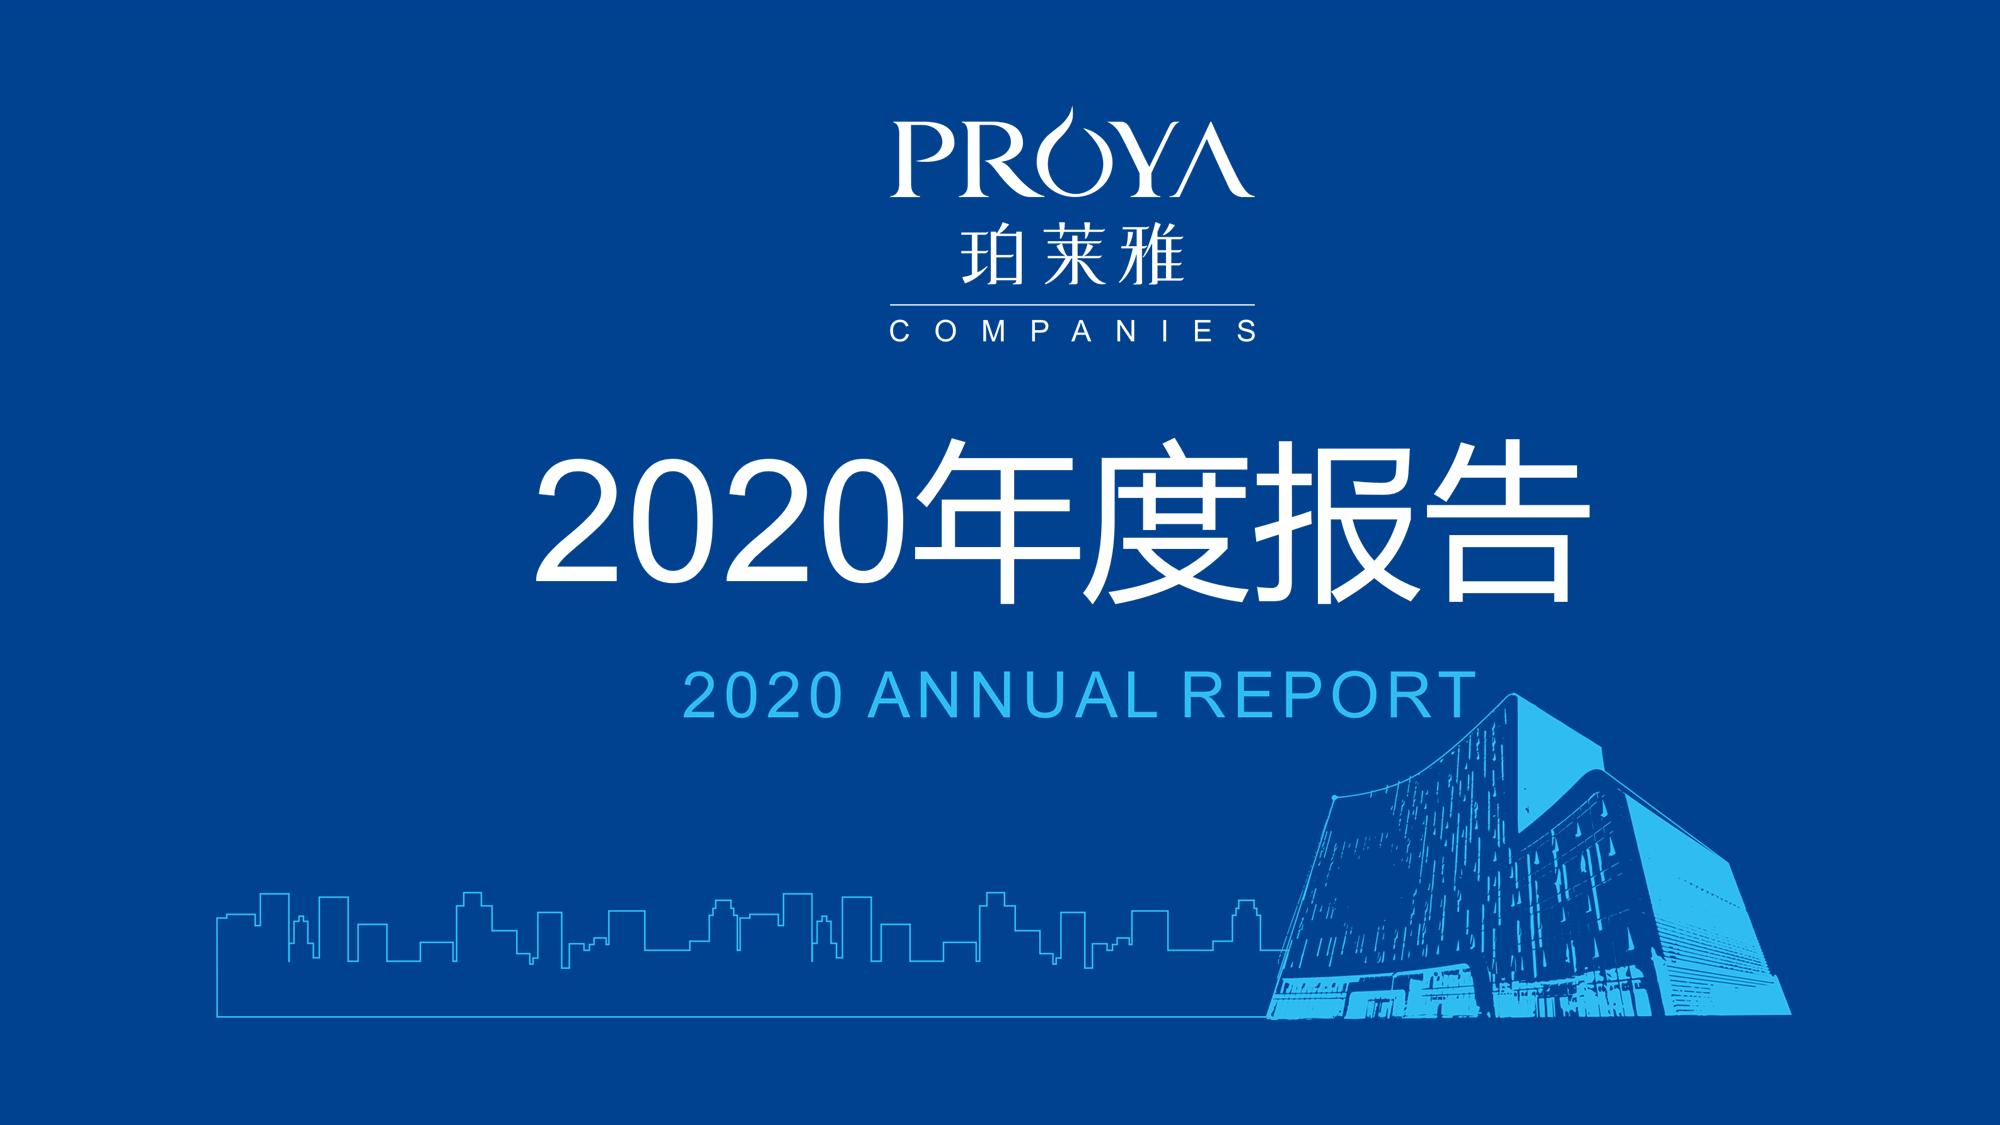 一图速览珀莱雅2020年度报告